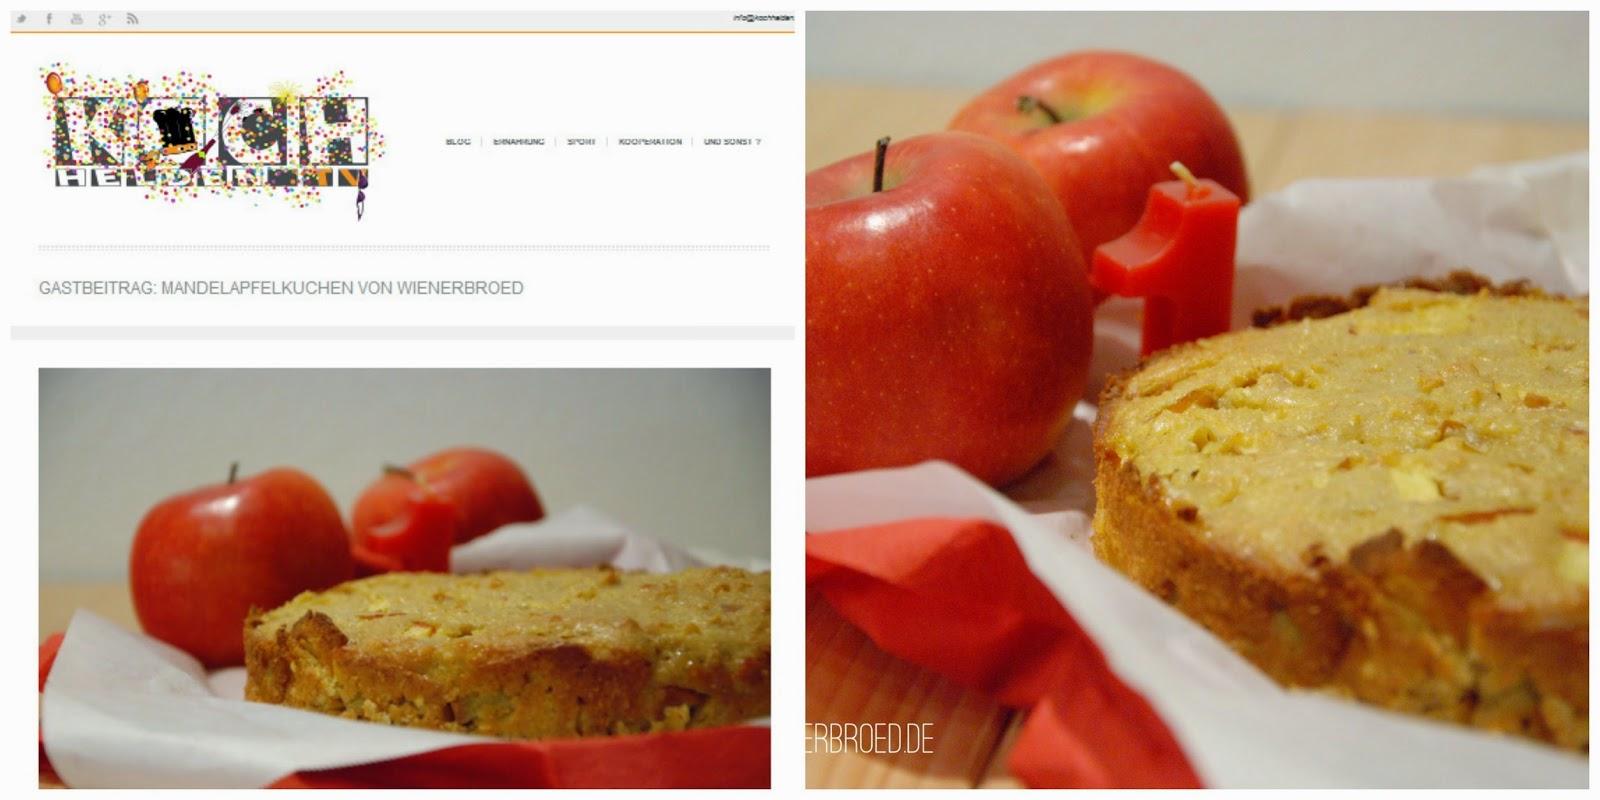 http://kochhelden.tv/portfolio-item/lowcarb-kuchen-mandelapfelkuchen-wienerbroed/